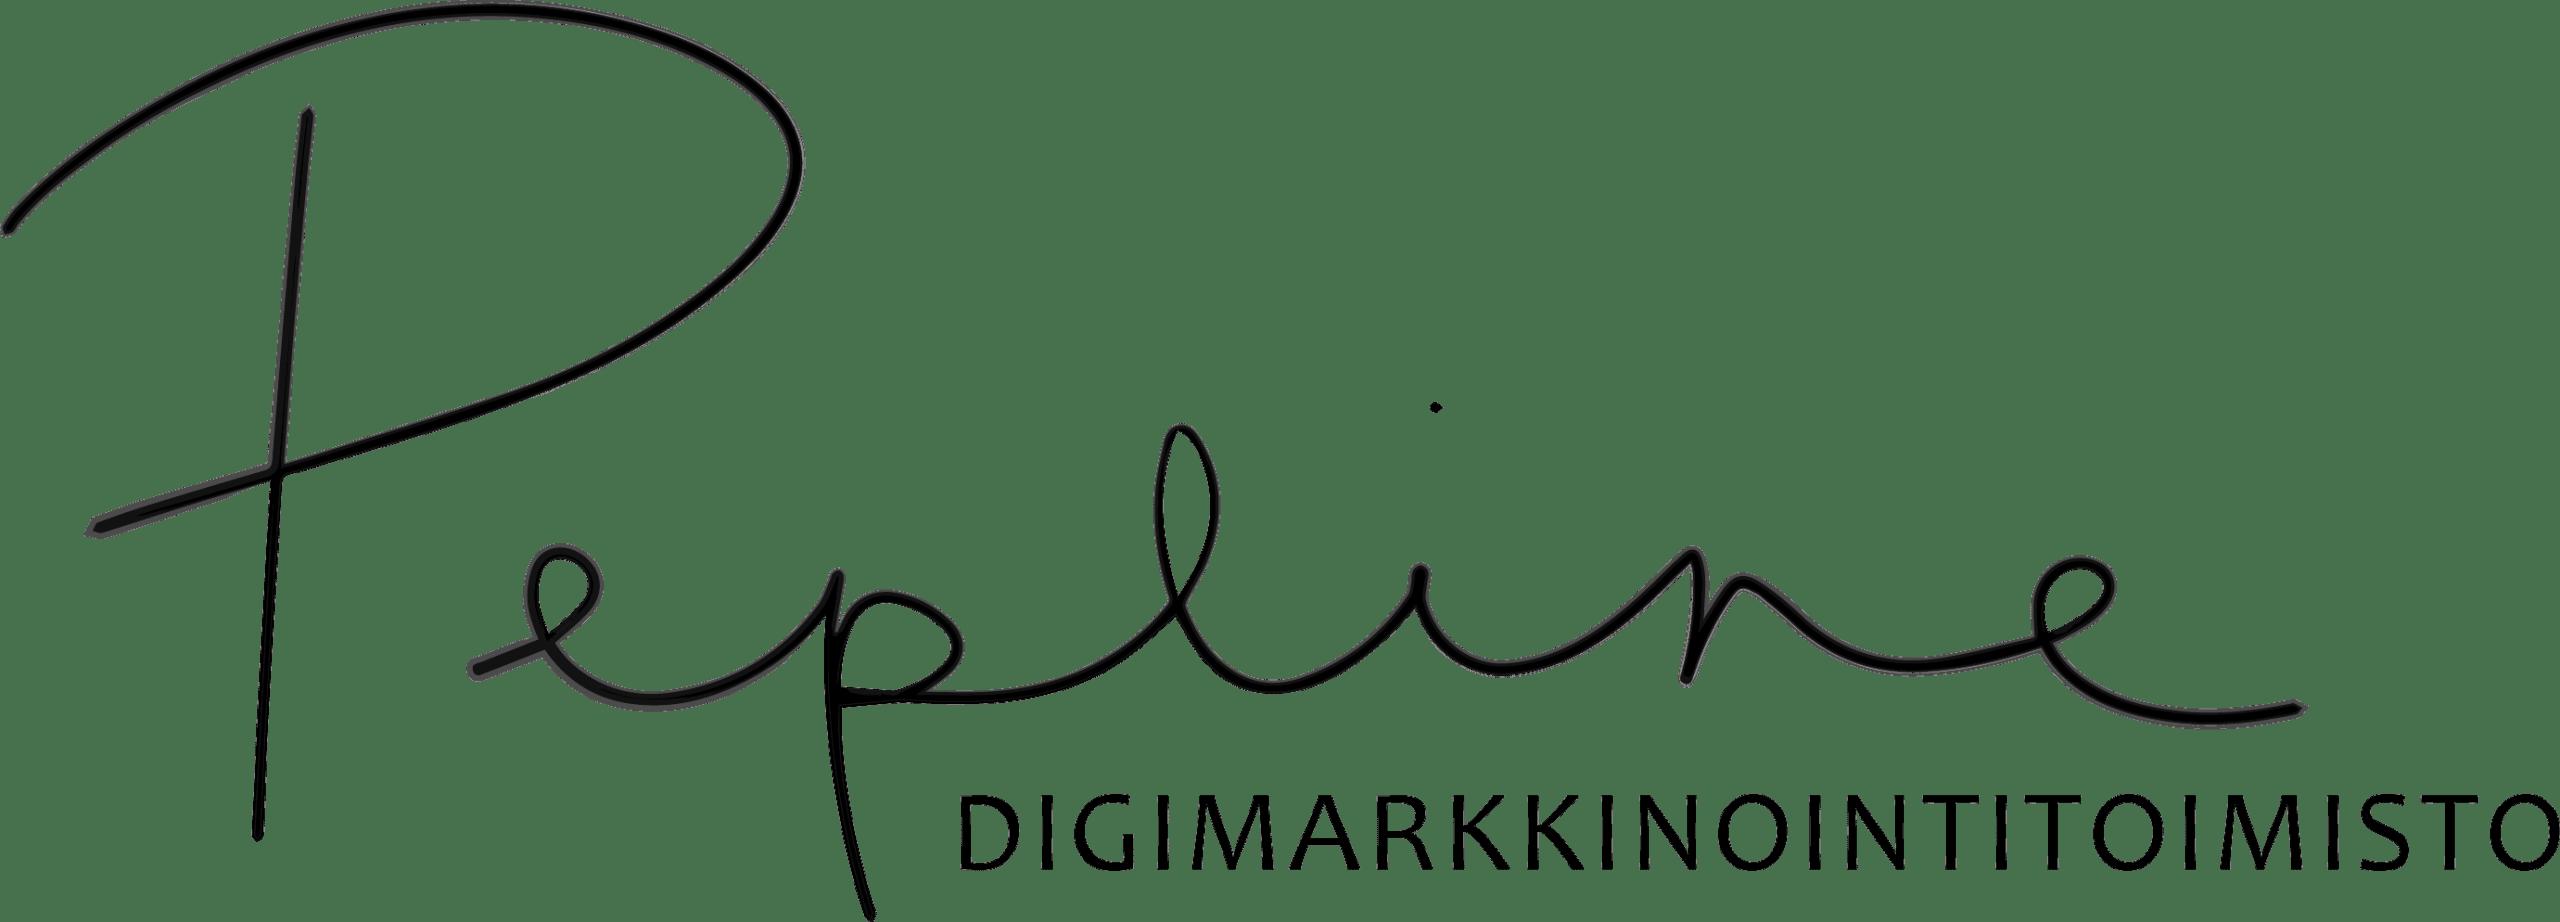 Digimarkkinointitoimisto Pepline